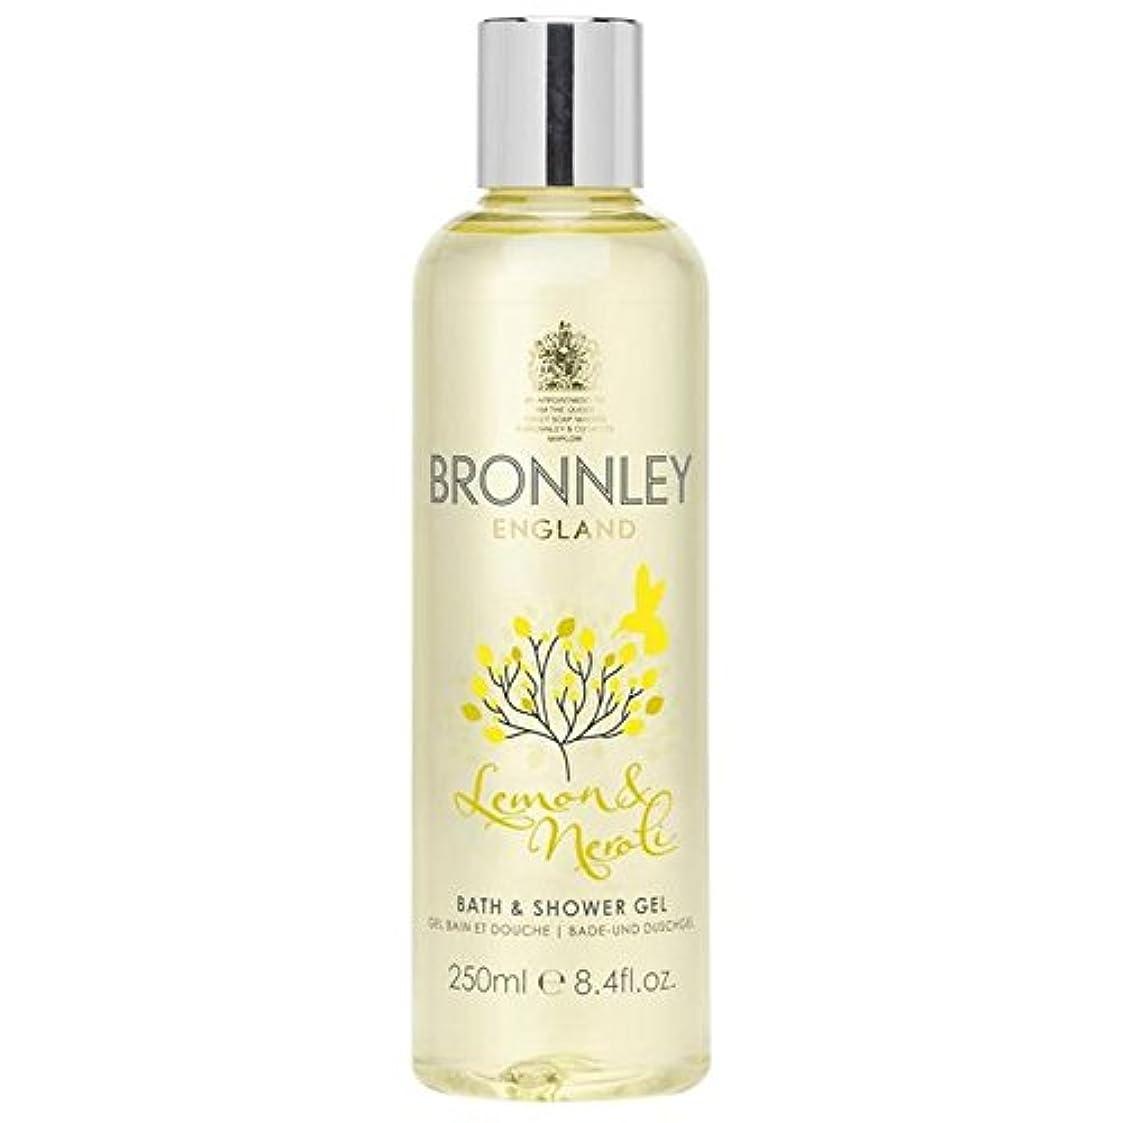 怒る一貫性のない白いレモン&ネロリバス&シャワージェル250ミリリットル x4 - Bronnley Lemon & Neroli Bath & Shower Gel 250ml (Pack of 4) [並行輸入品]